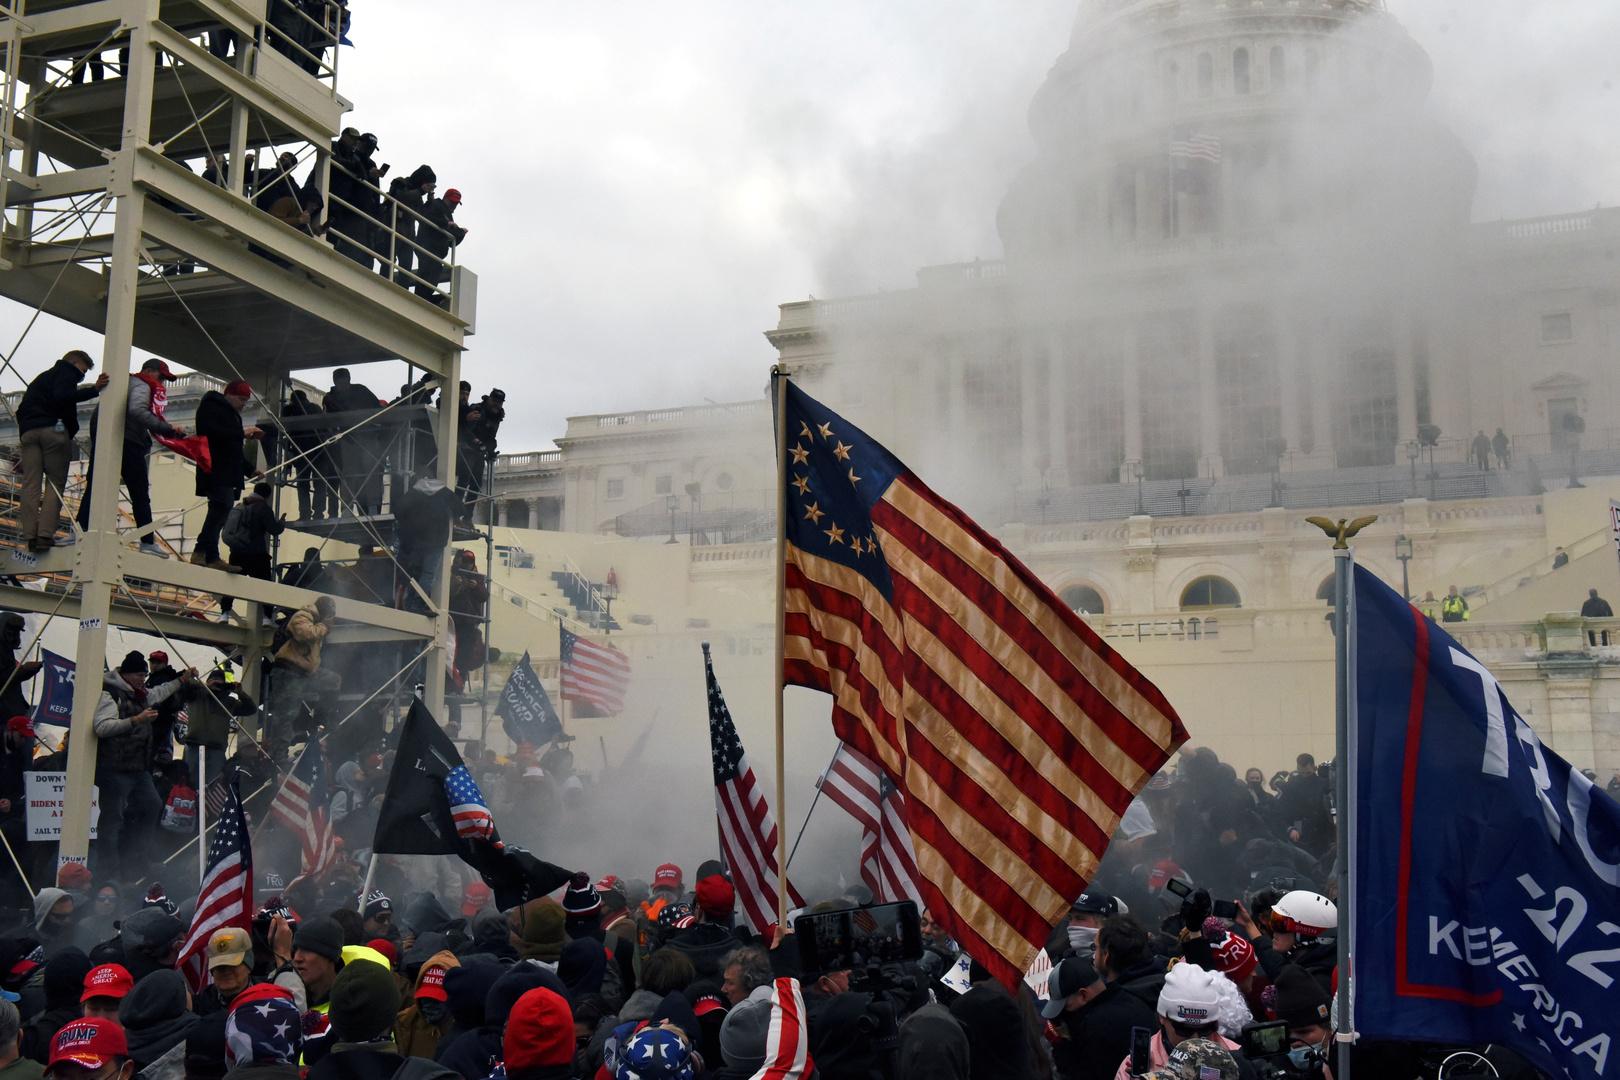 استقالات المسؤولين الأمريكيين مستمرة في أعقاب اقتحام مبنى الكابيتول